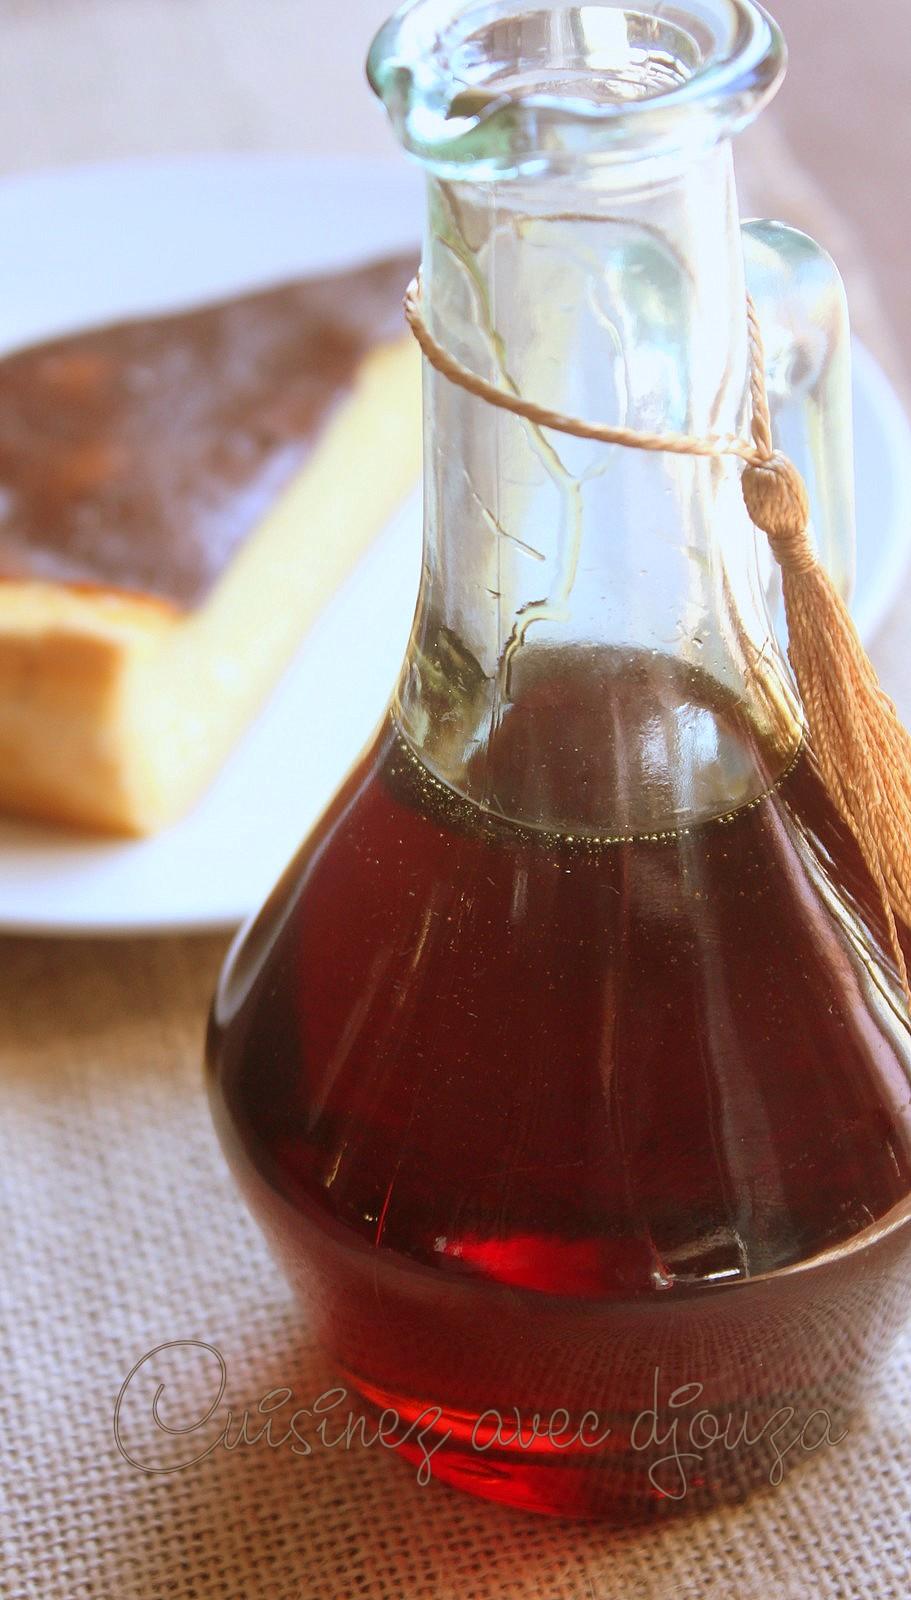 caramel liquide maison recettes faciles recettes rapides de djouza. Black Bedroom Furniture Sets. Home Design Ideas